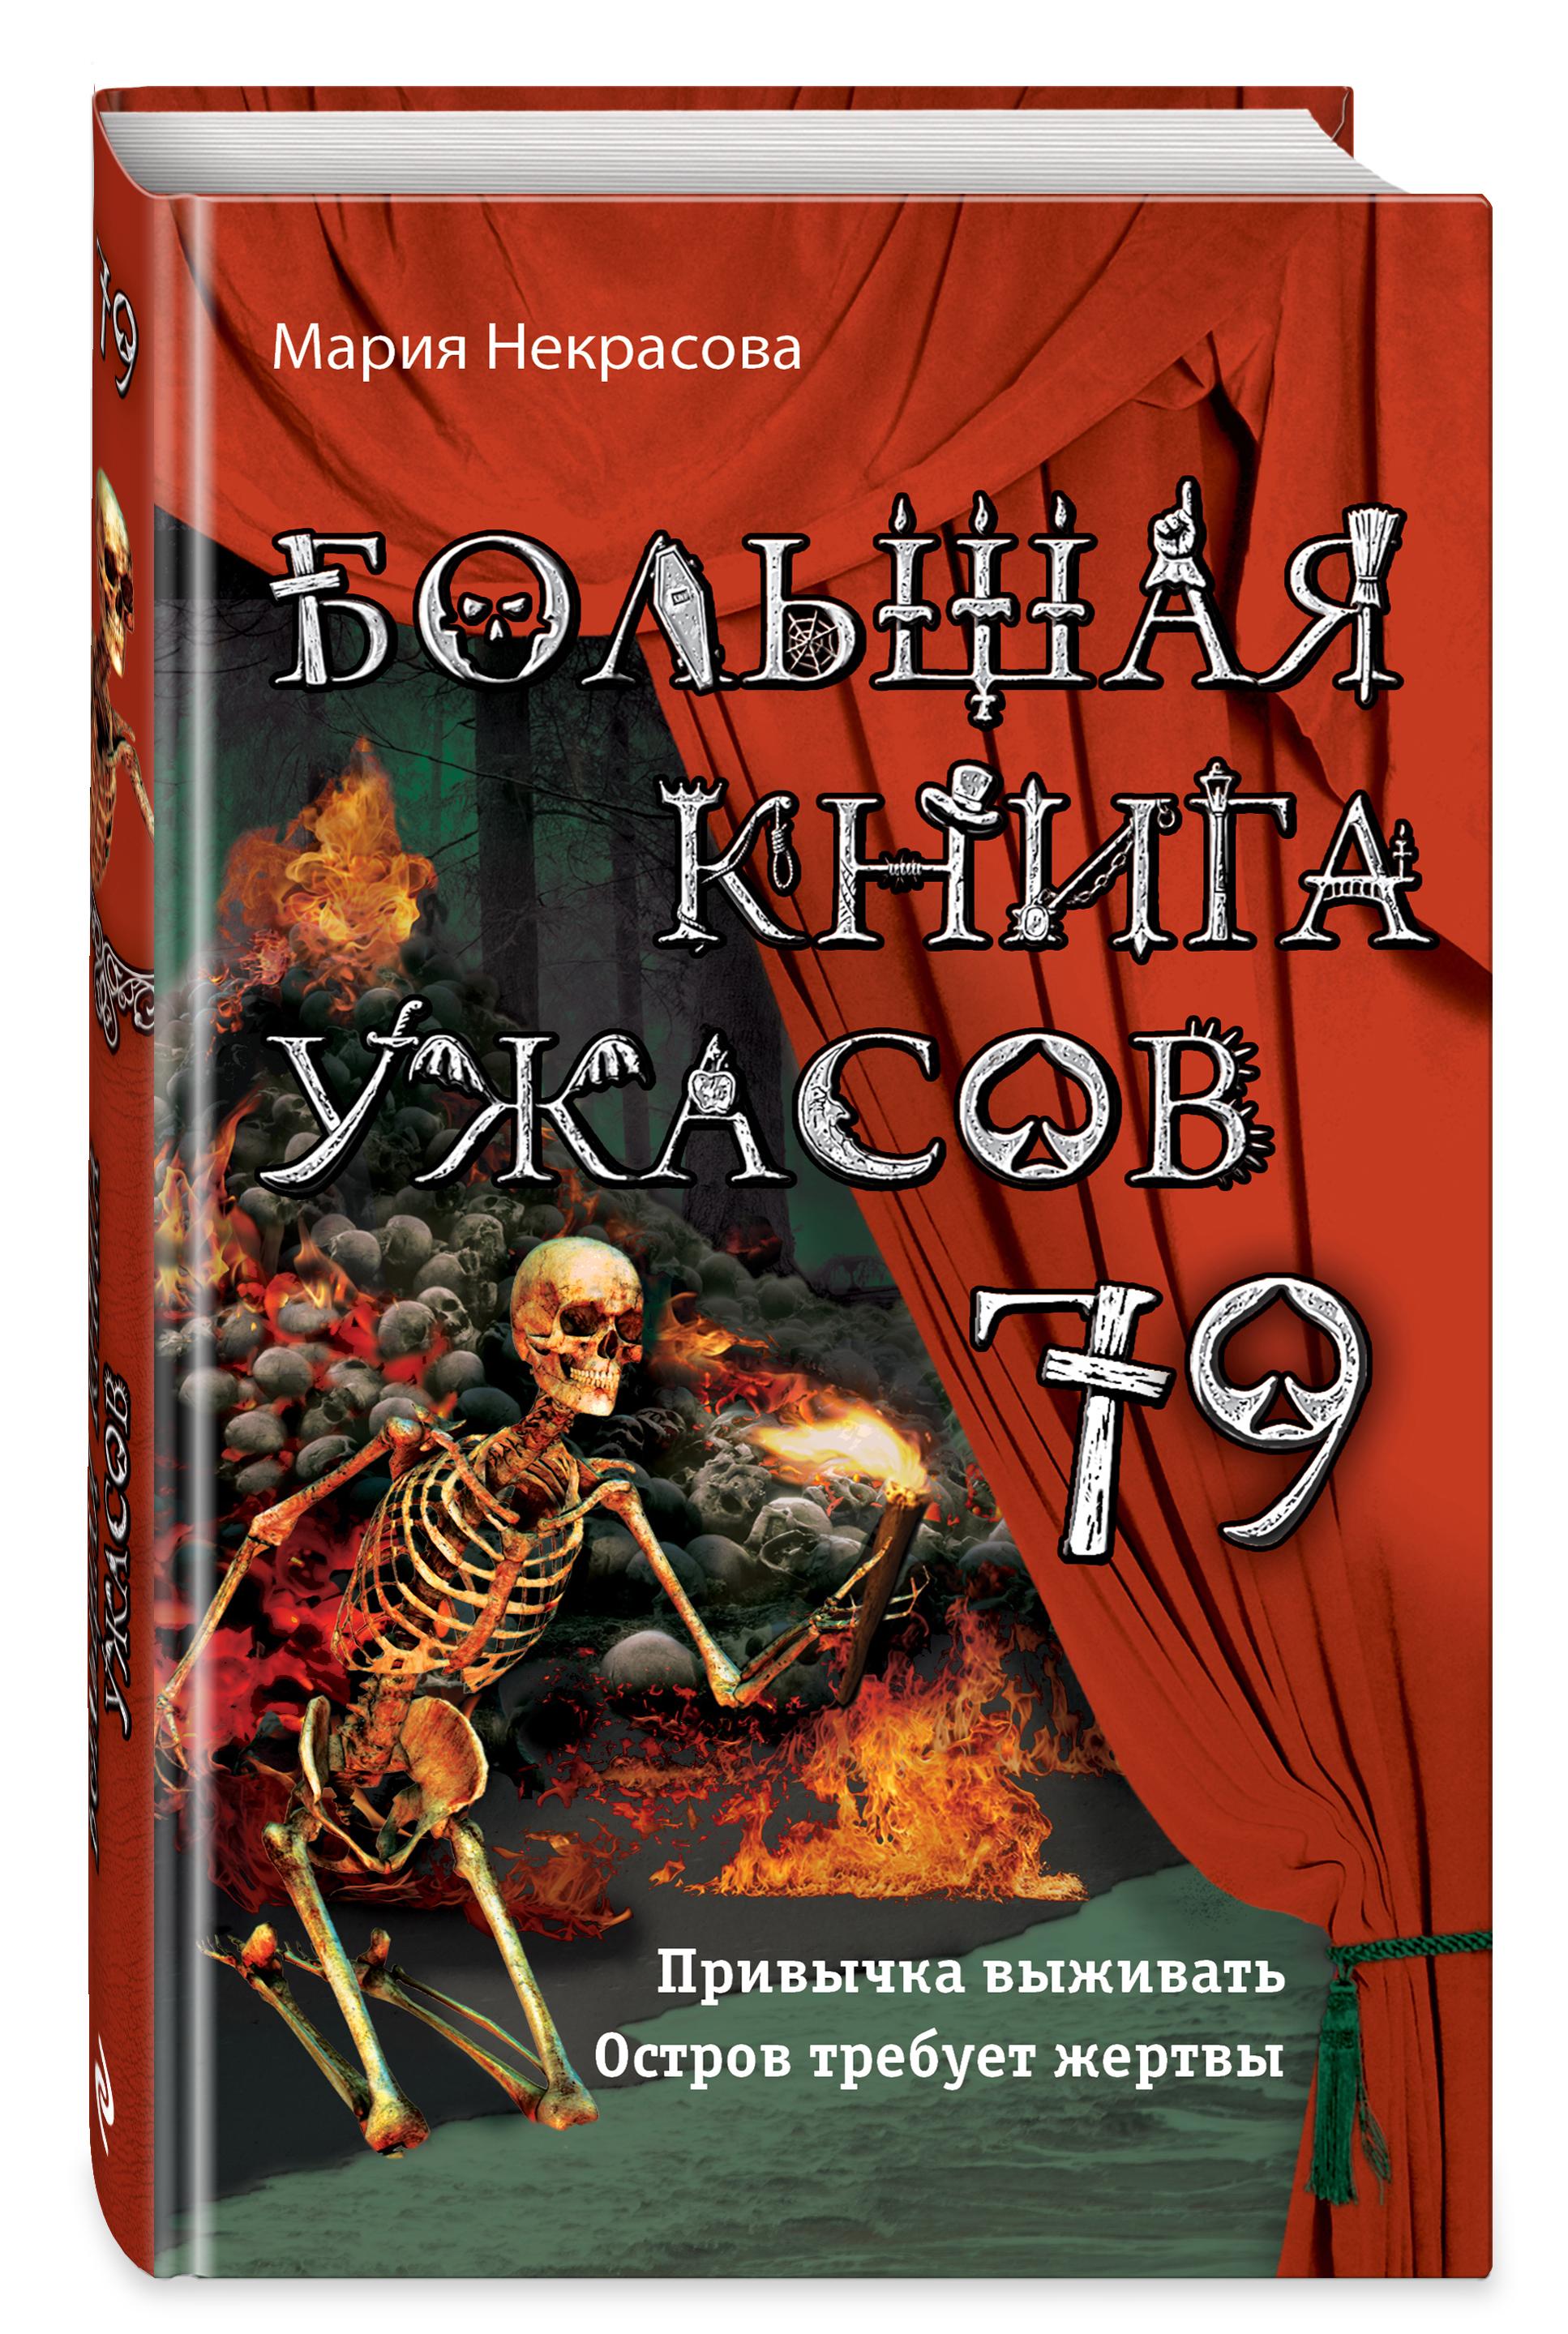 купить Некрасова М.Е. Большая книга ужасов 79 по цене 340 рублей